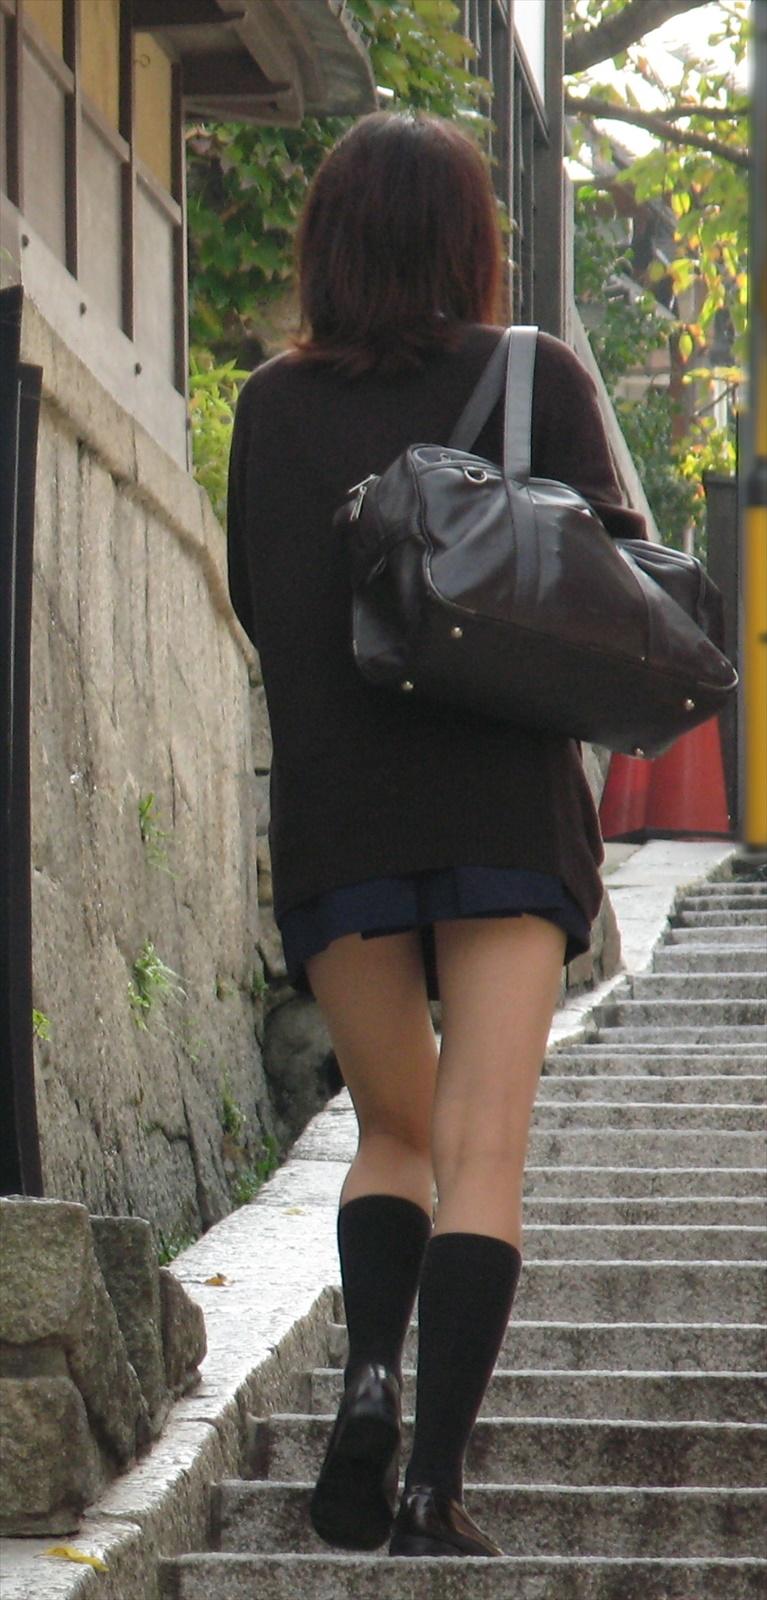 細身体型のJKの美脚に惚れ惚れする!